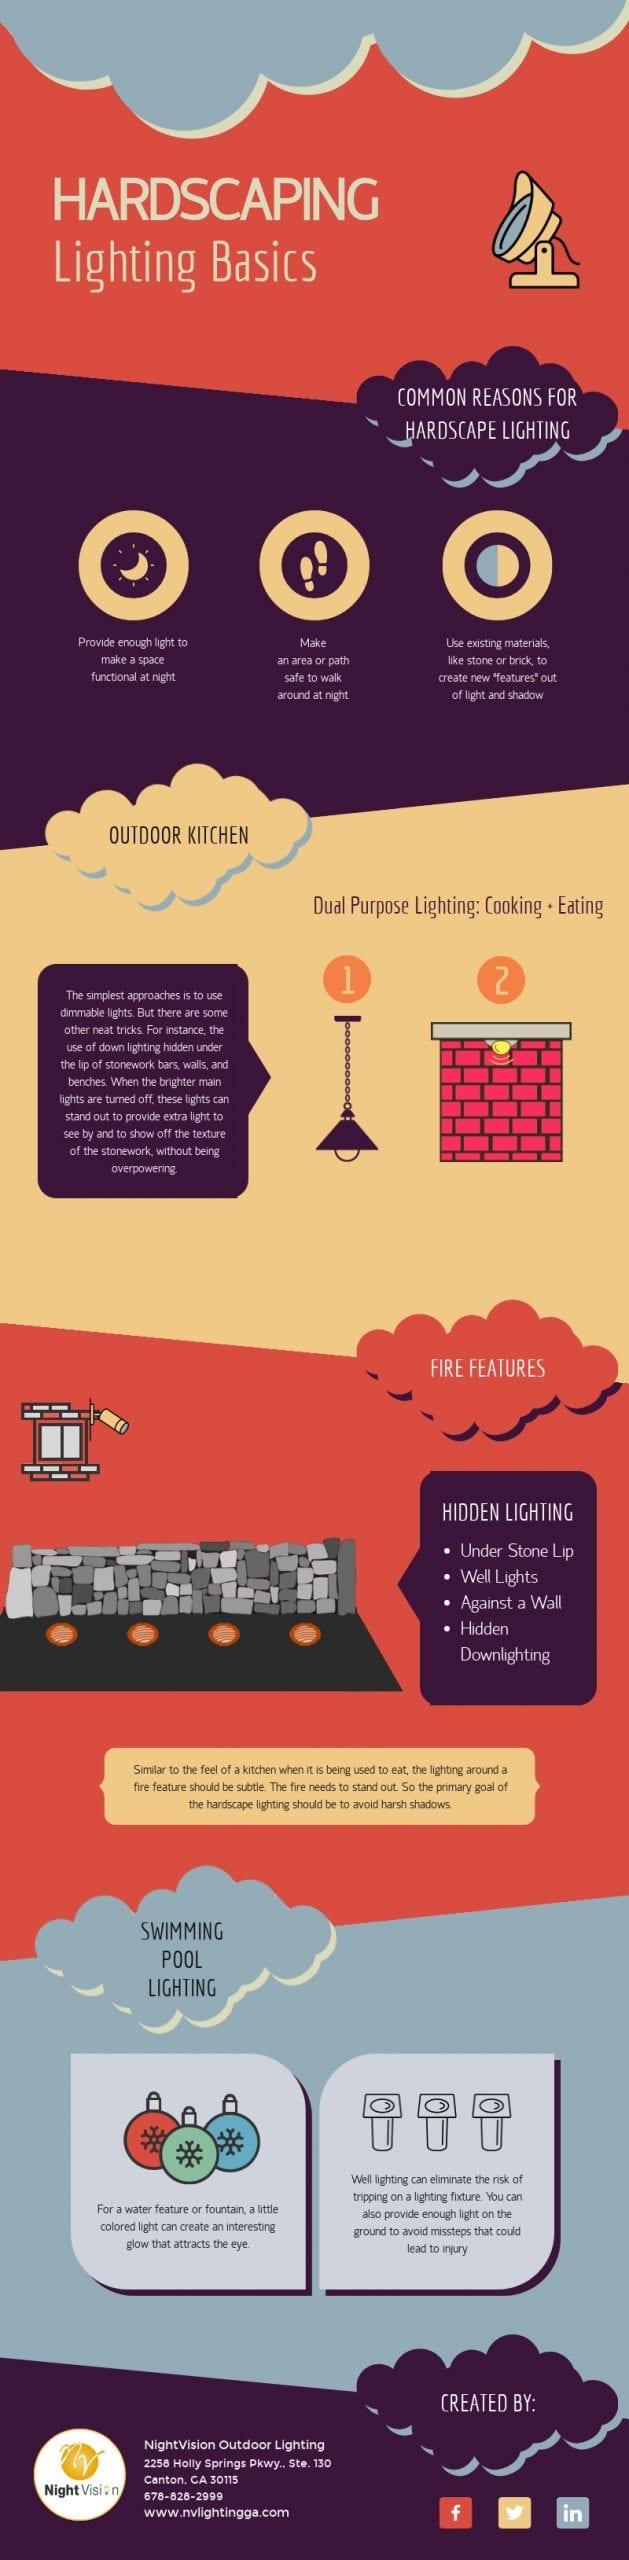 Hardscape Lighting Basics [infographic]